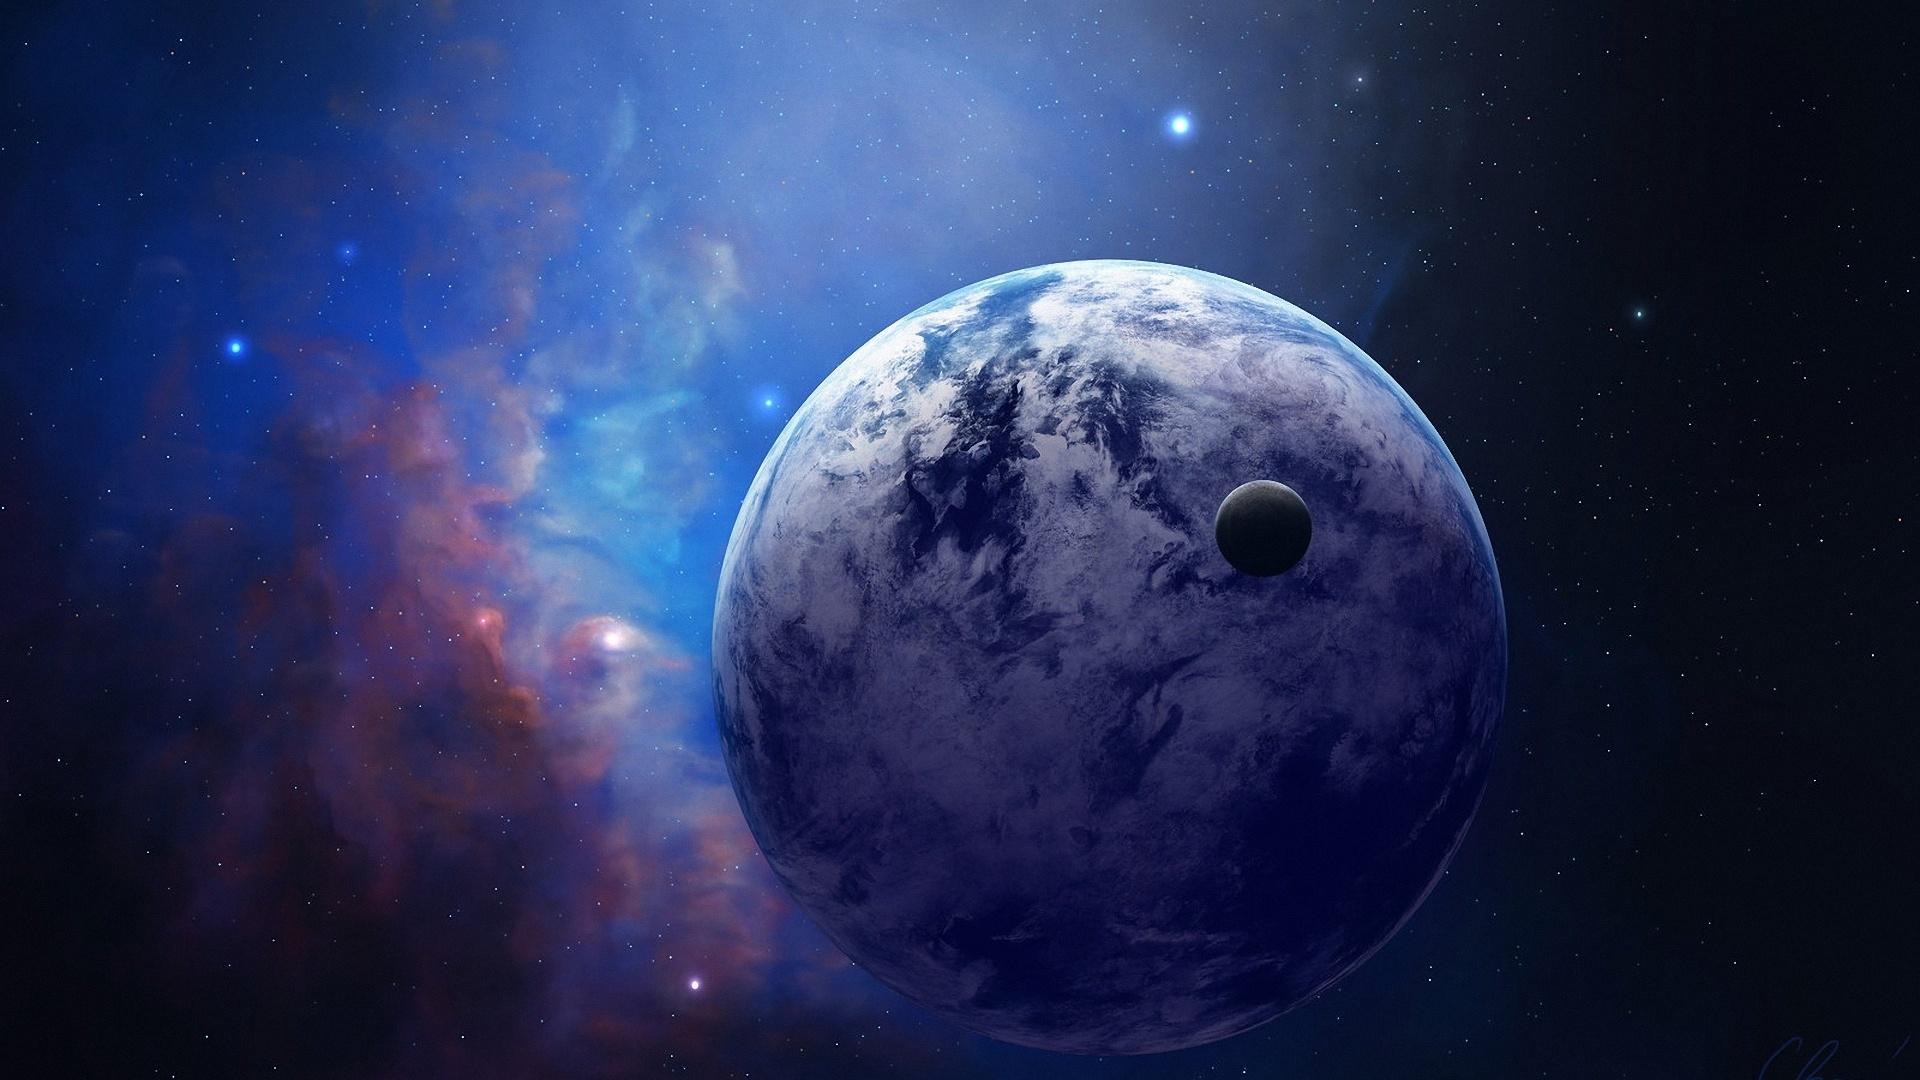 Обои Планета и спутник картинки на рабочий стол на тему Космос - скачать  № 43087 без смс